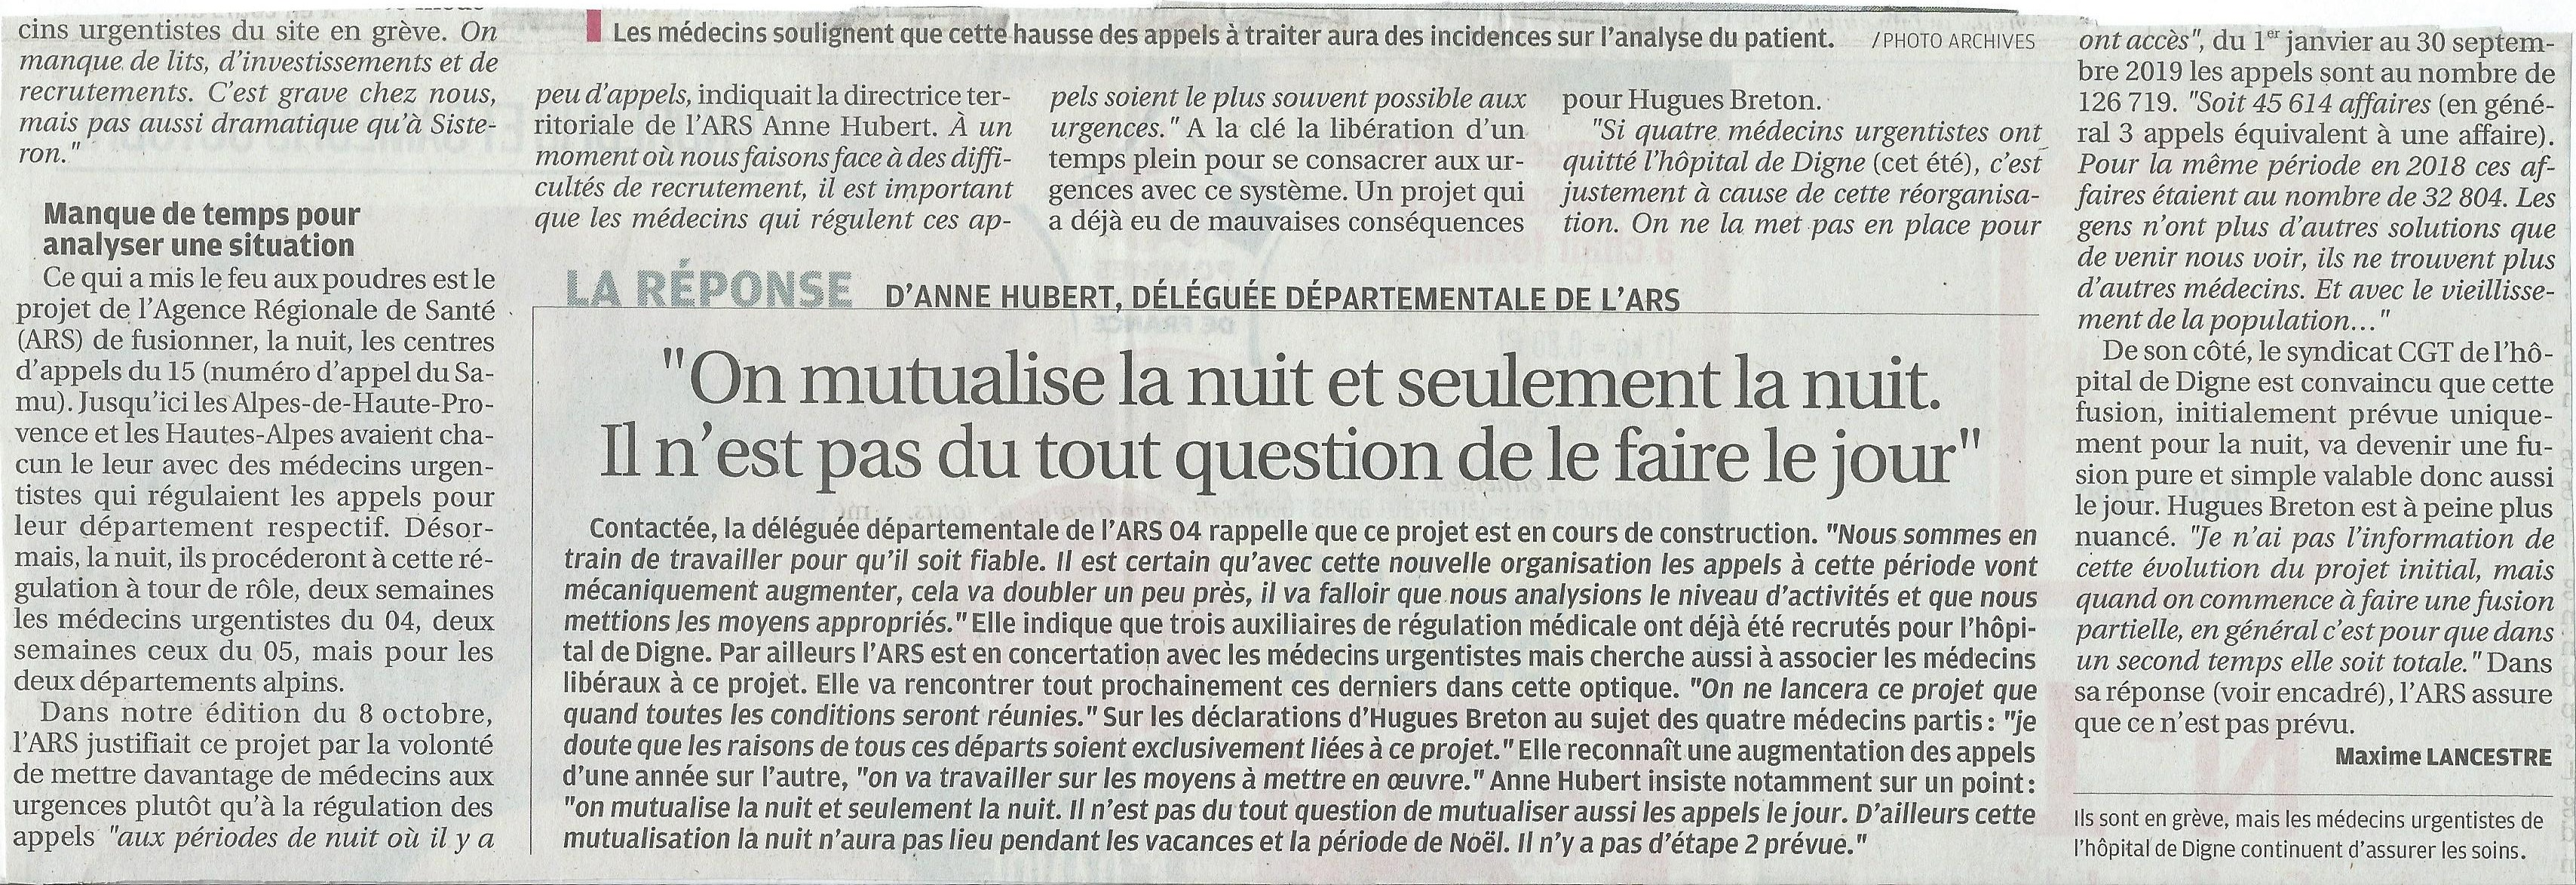 1181. La Provence du 18 octobre 2019 (7)